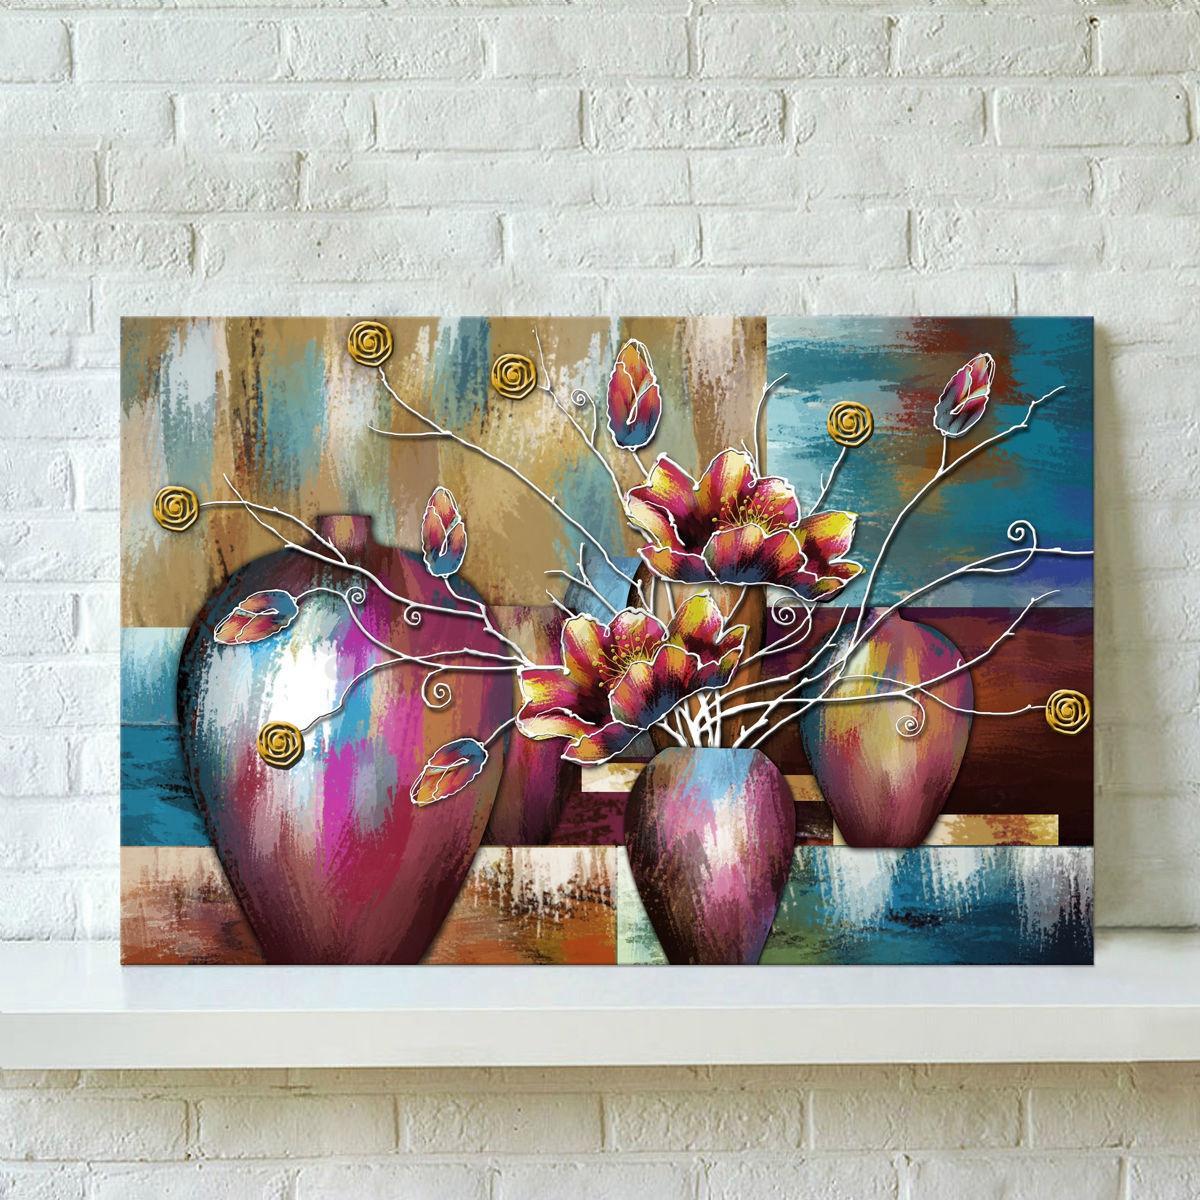 divers tableau peinture huile sur toile abstrait moderne art maison murale ebay. Black Bedroom Furniture Sets. Home Design Ideas